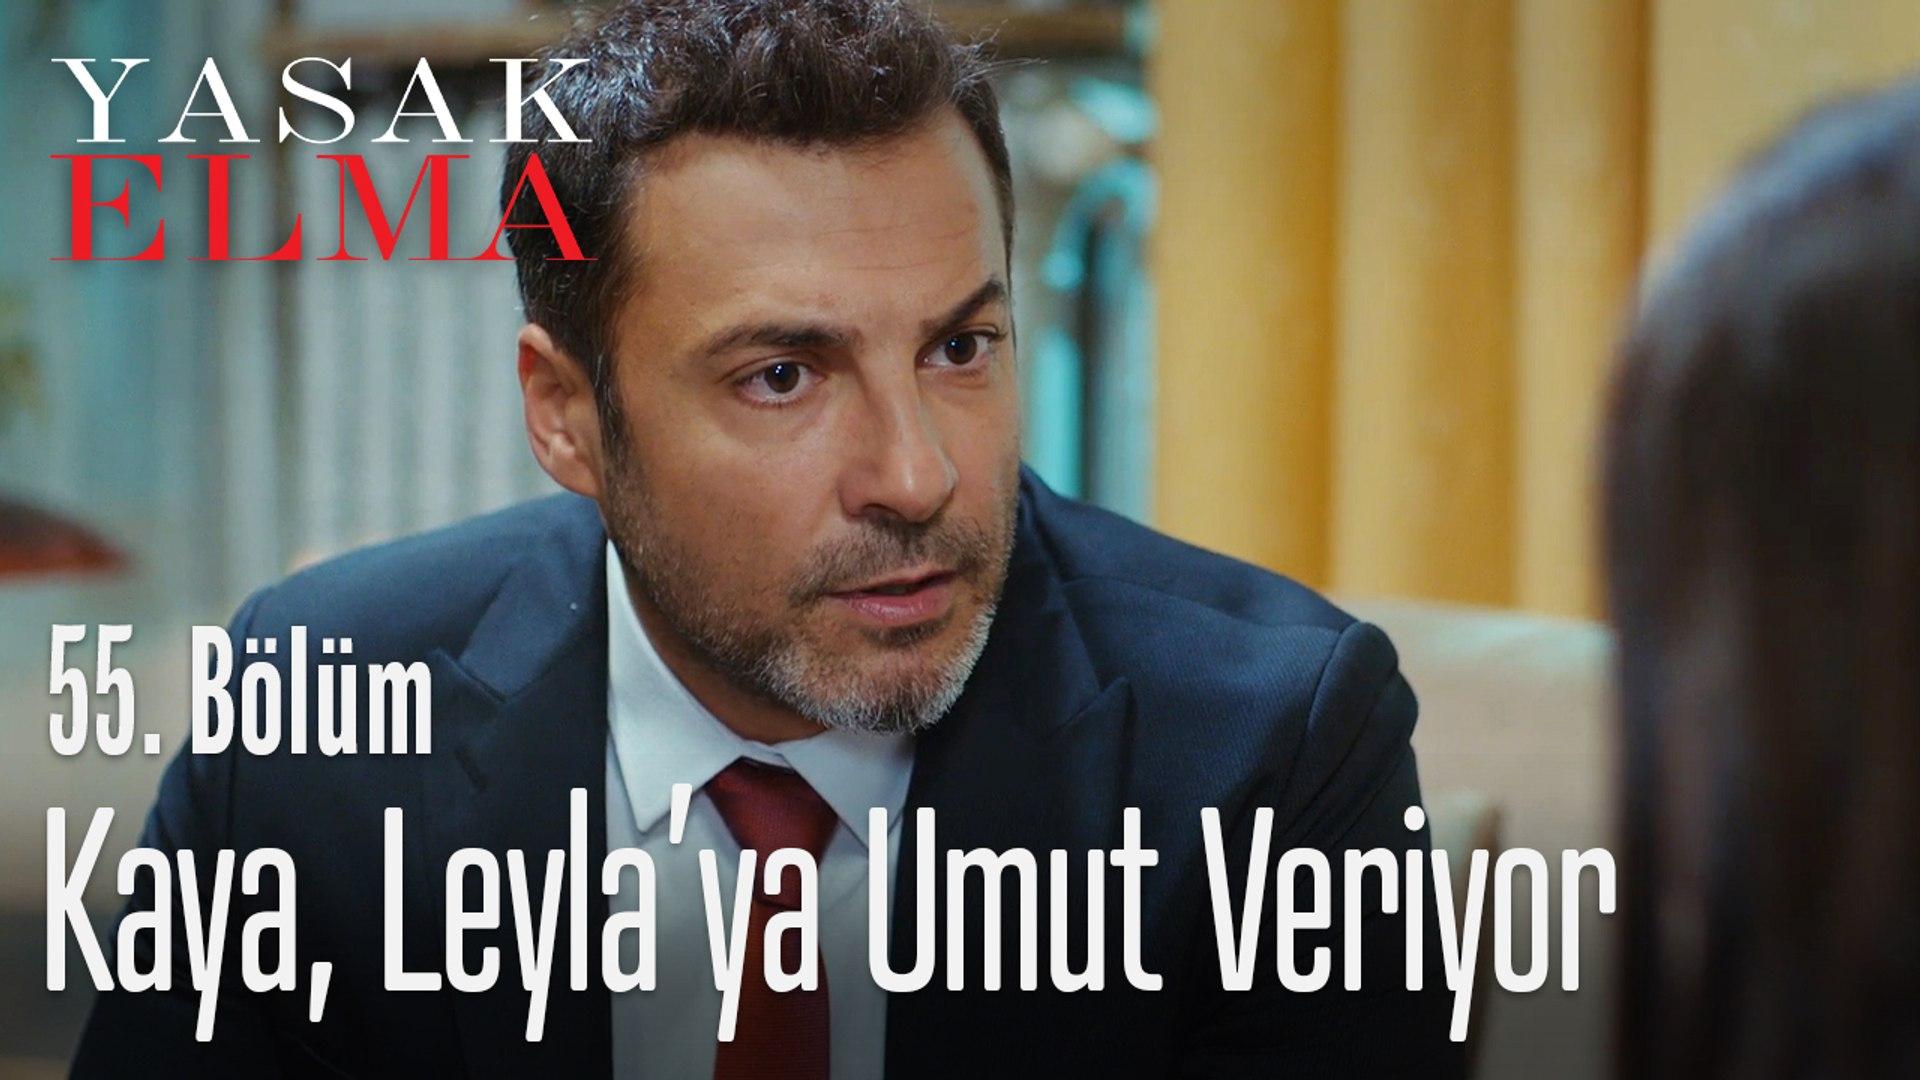 Kaya Leyla'ya umut veriyor - Yasak Elma 55. Bölüm